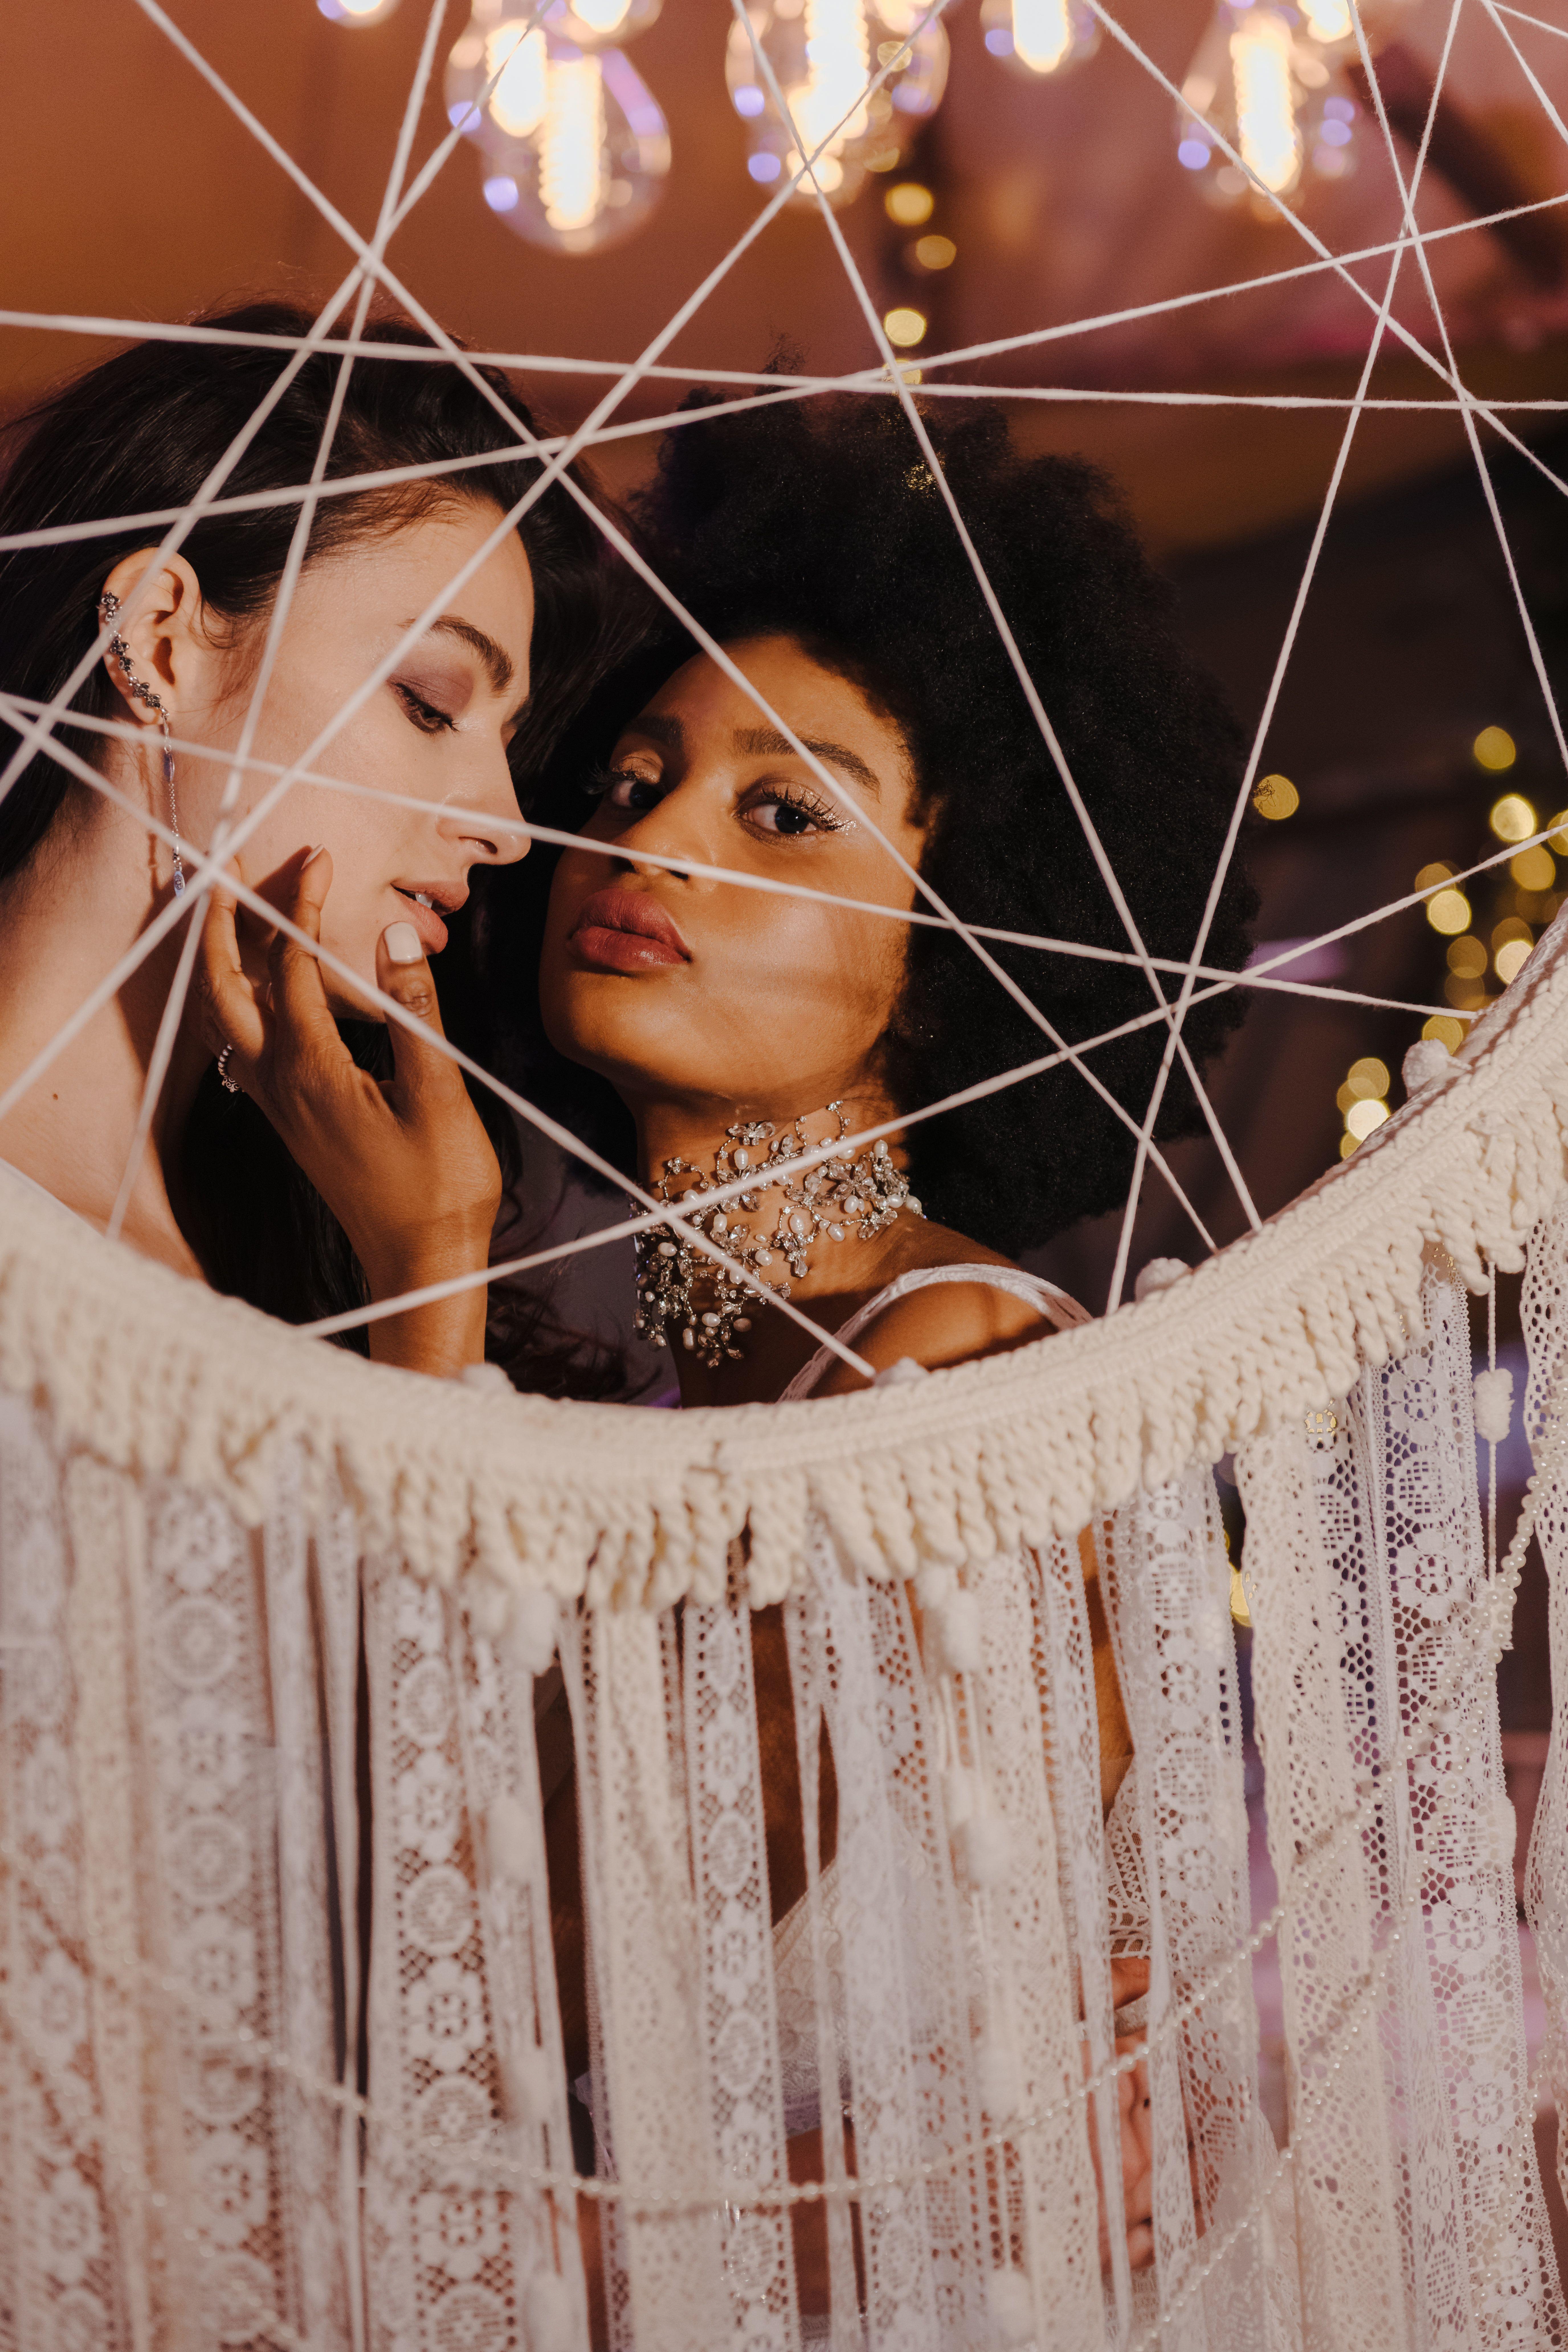 Gasp at Brinkburn Wedding Venue in 2020   Styled wedding ...